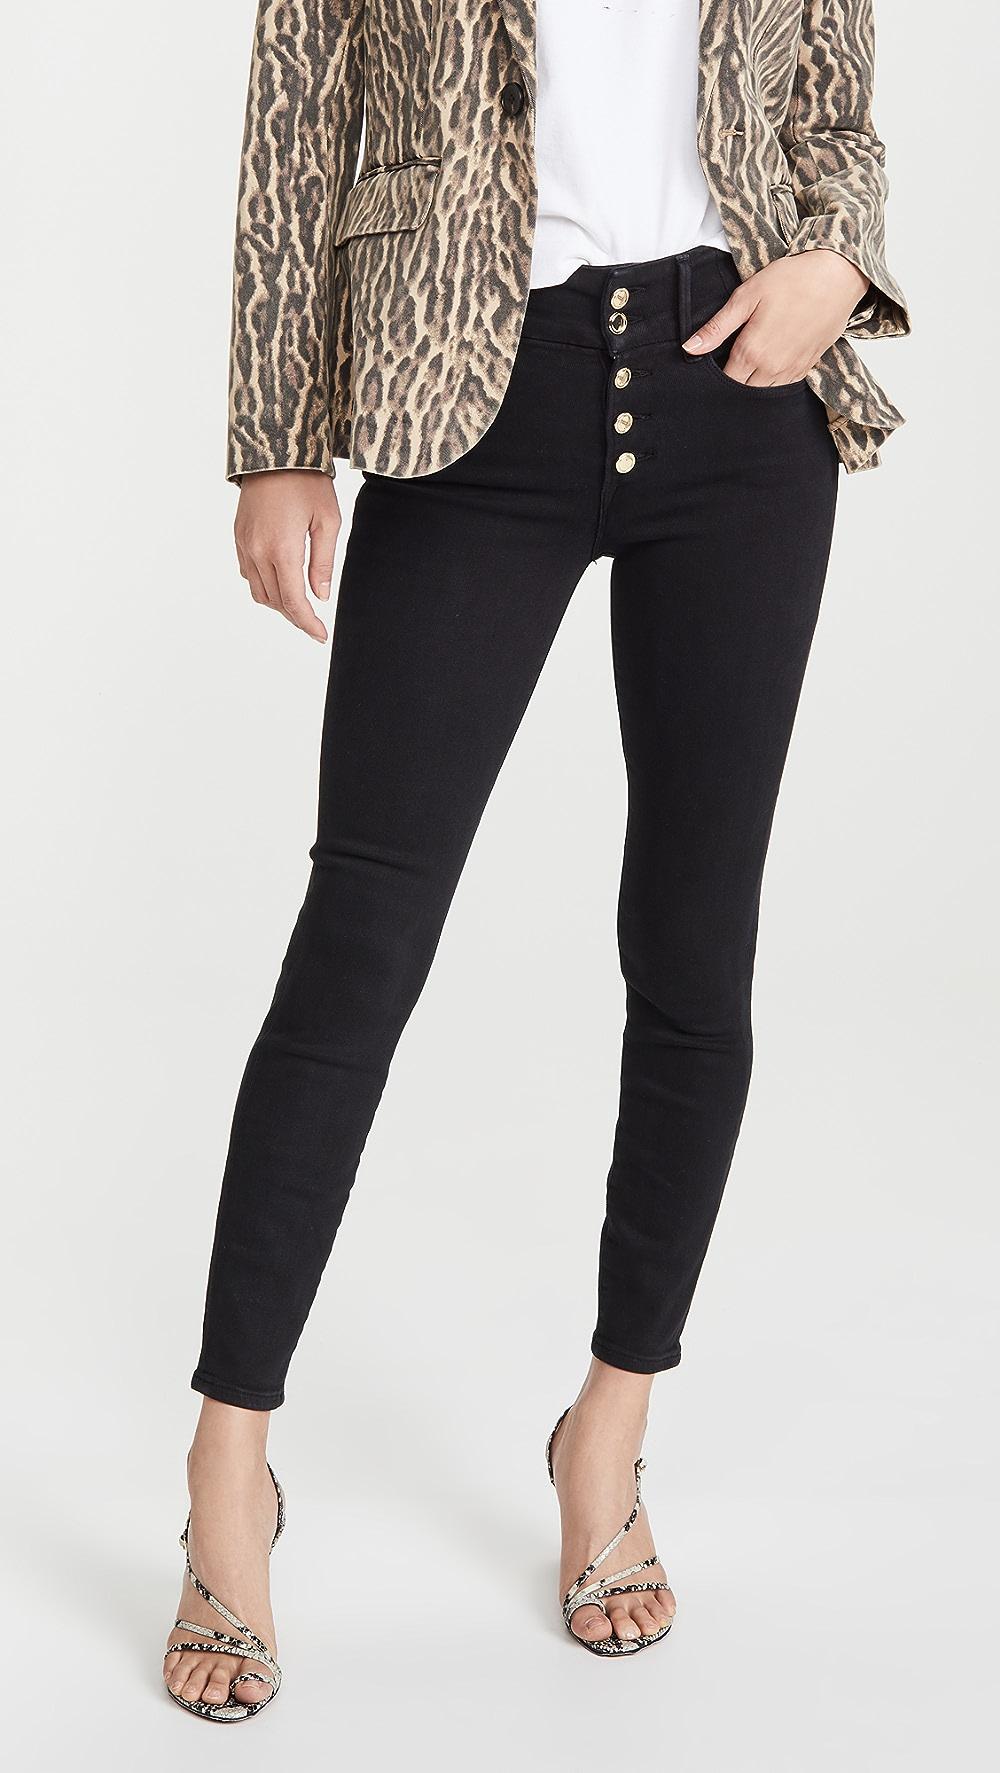 Tireless Good American - Good Waist Button Fly Jeans Online Shop